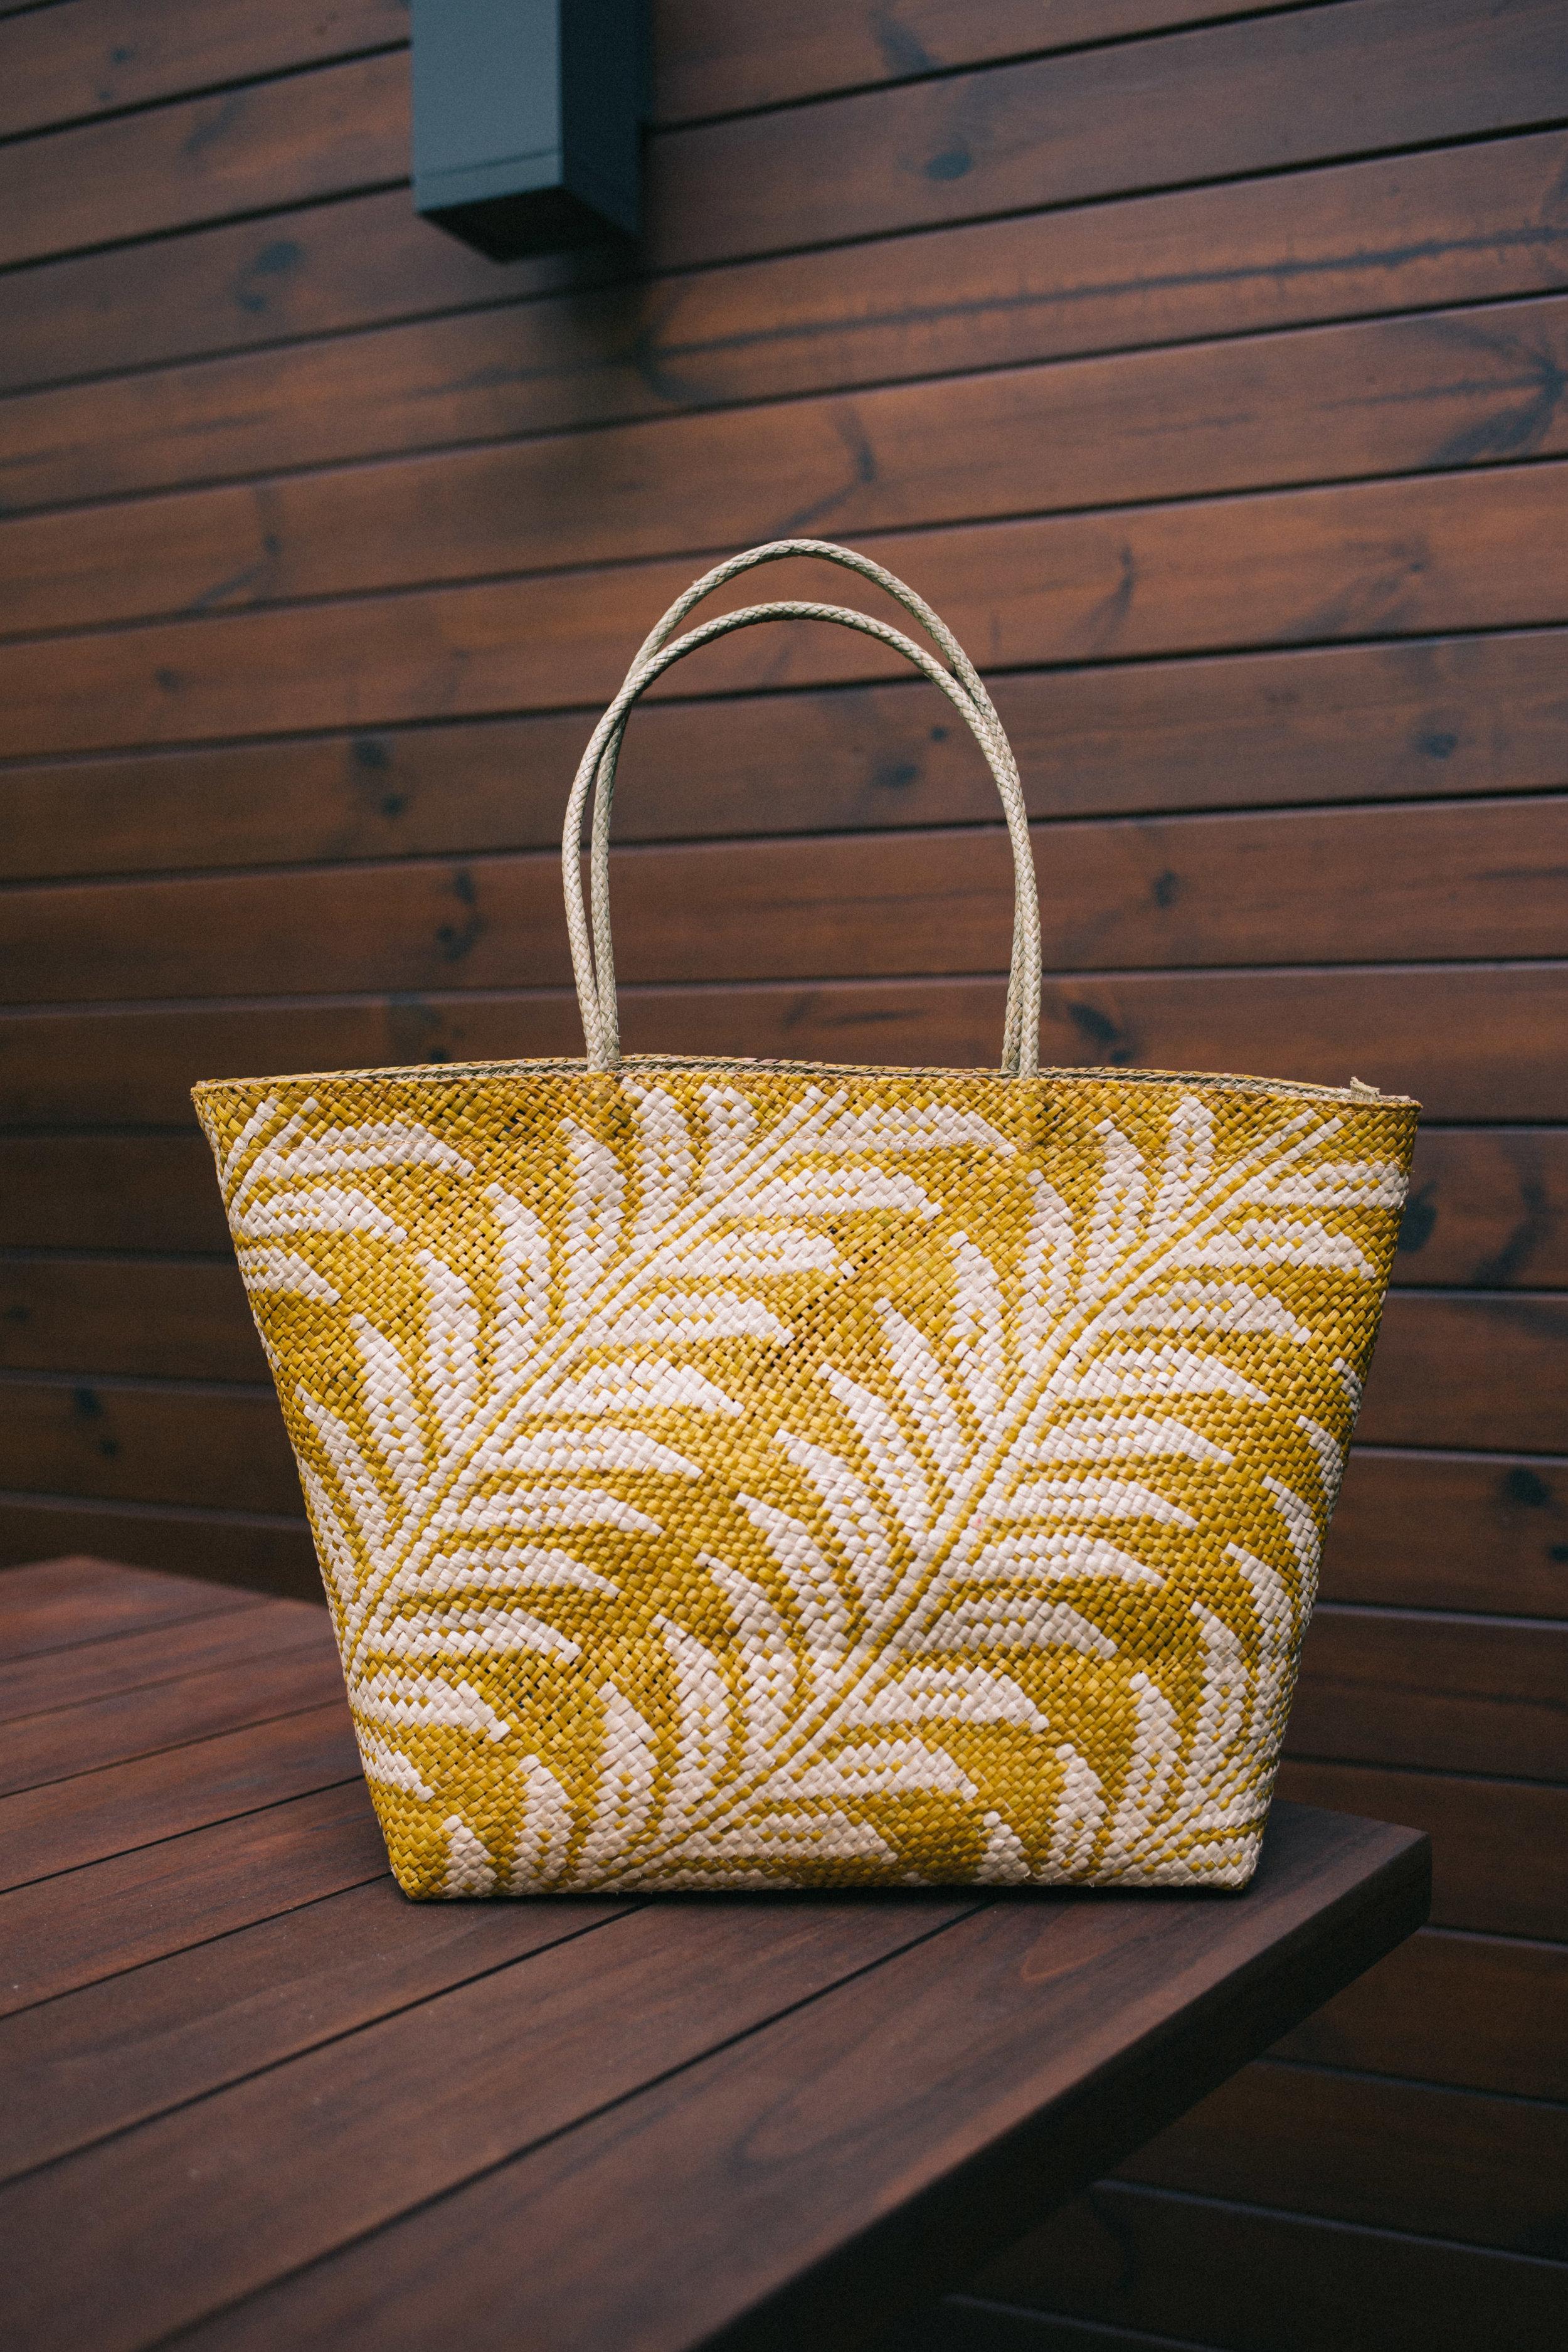 My current go-to handbag that sparks all the JOY! Shop the Hannah bag at  Láro  now!